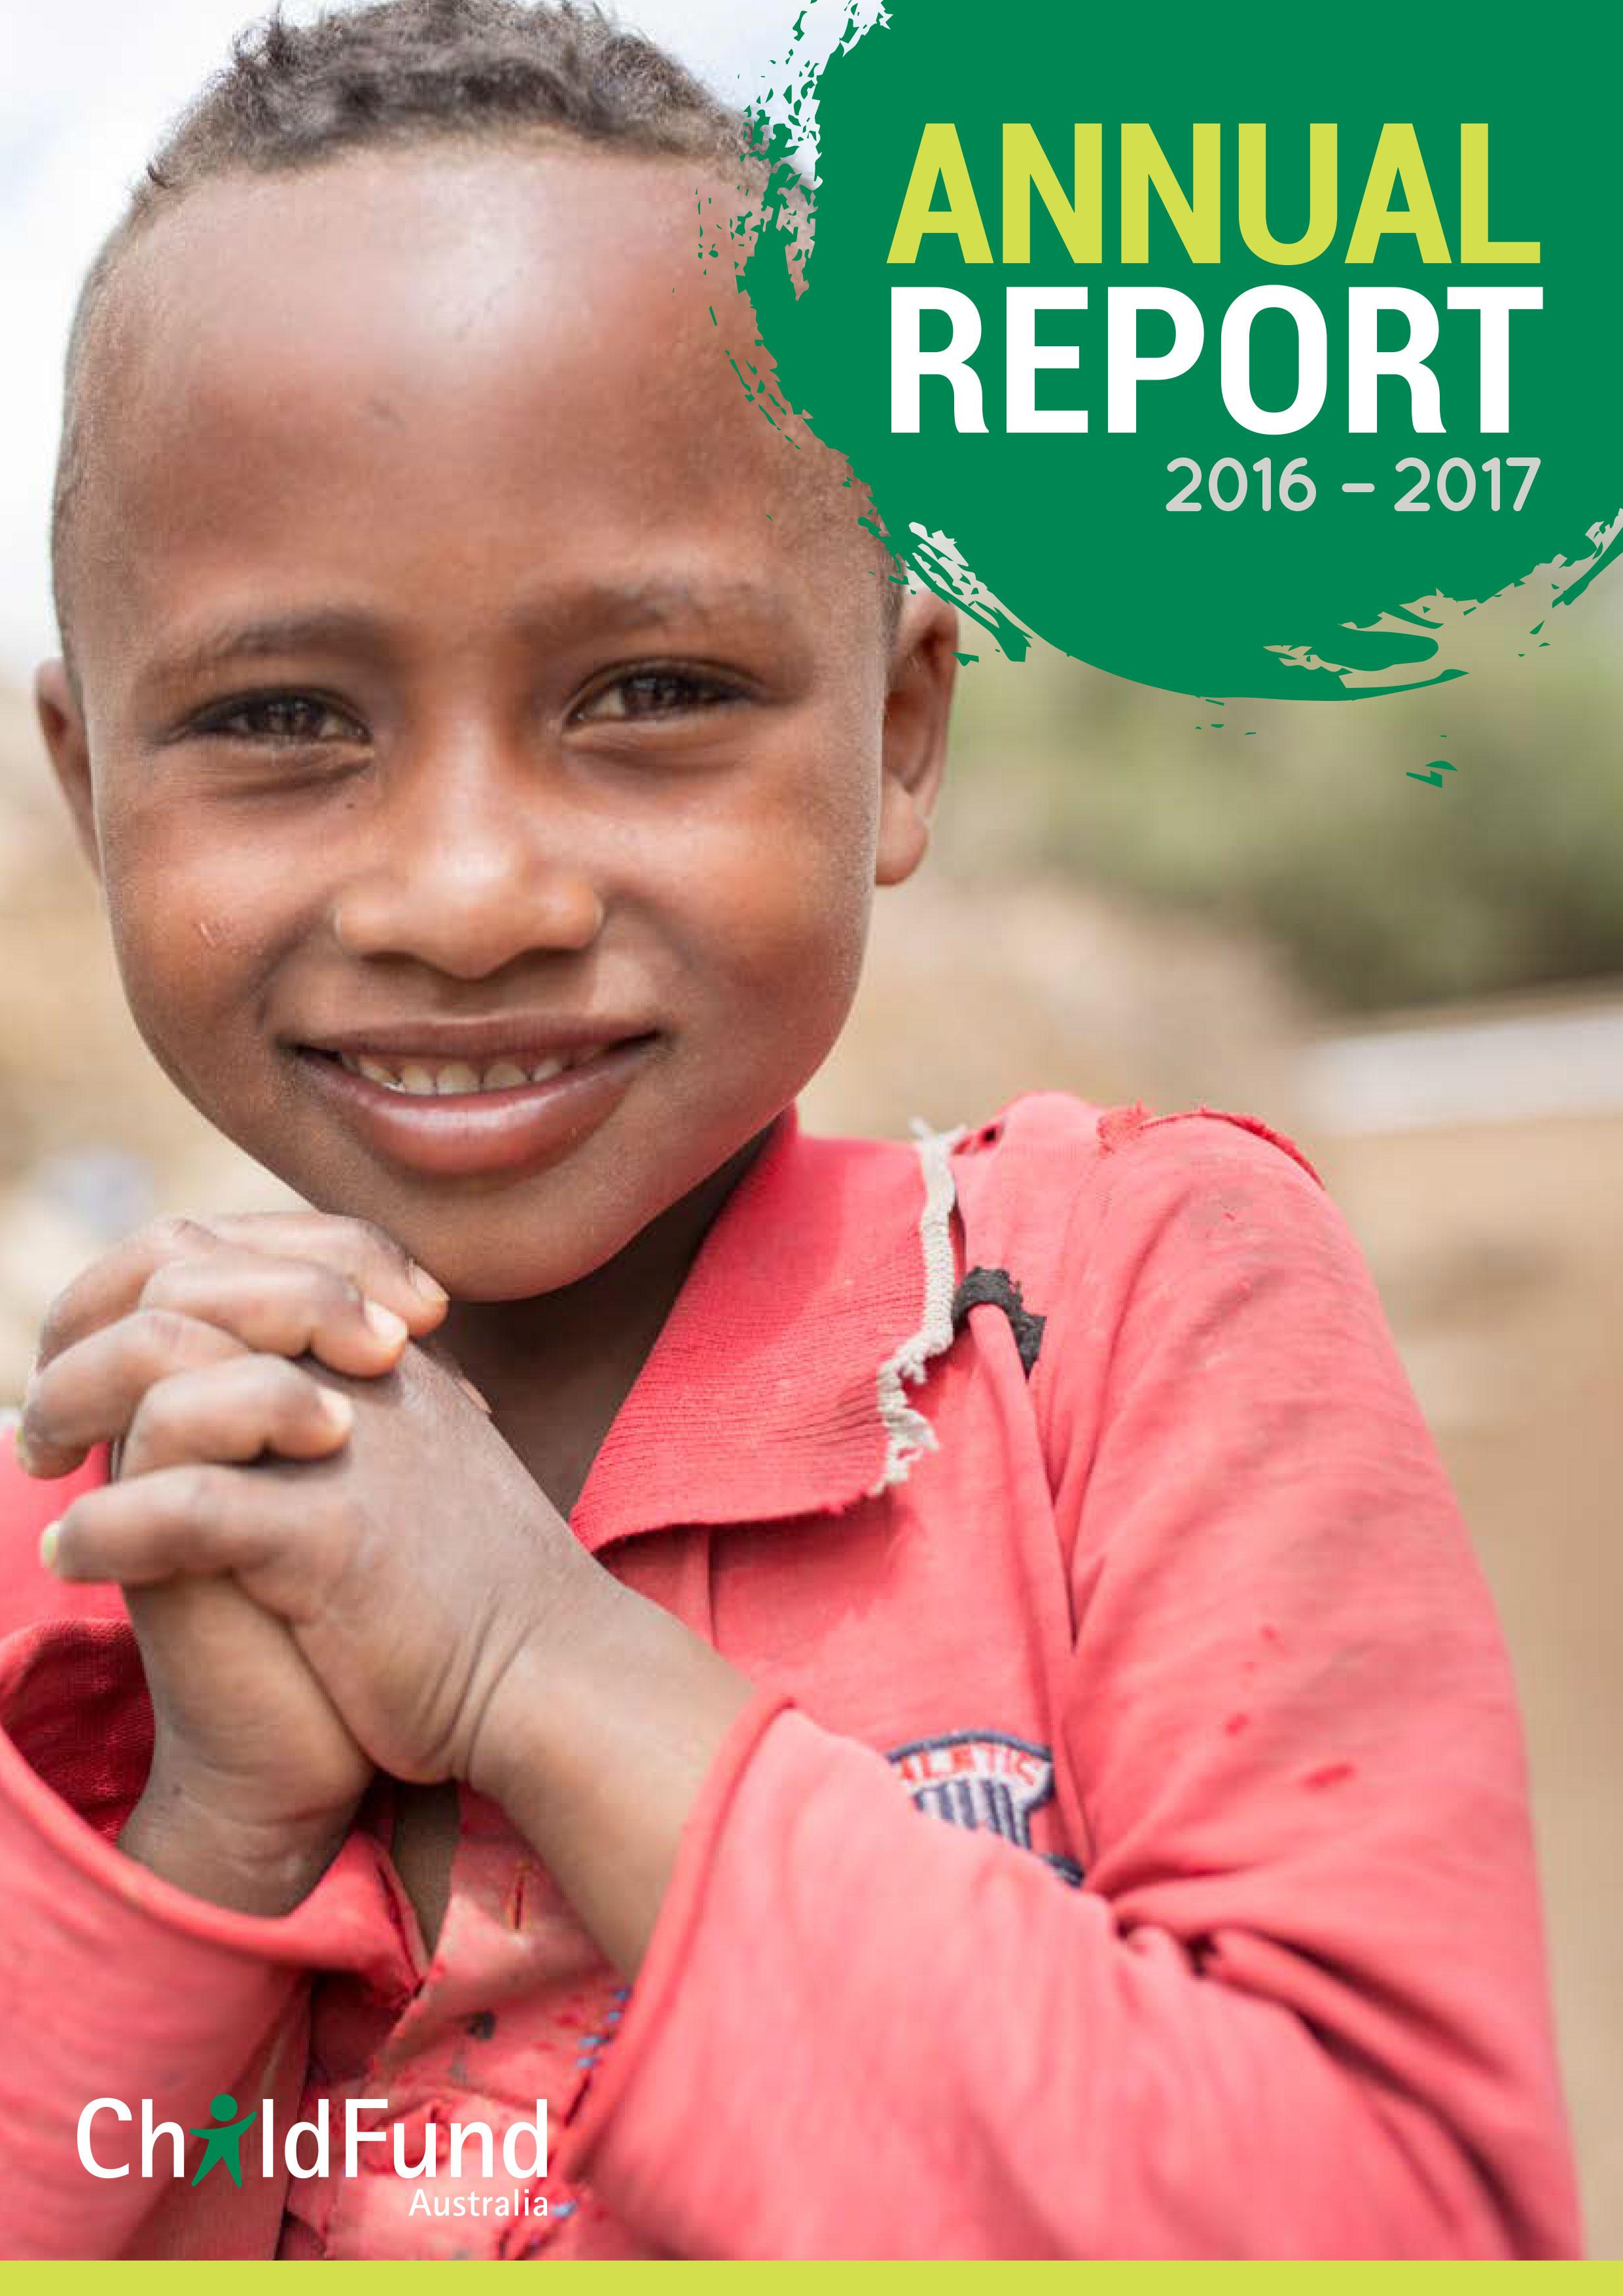 cpa australia annual report 2017 pdf